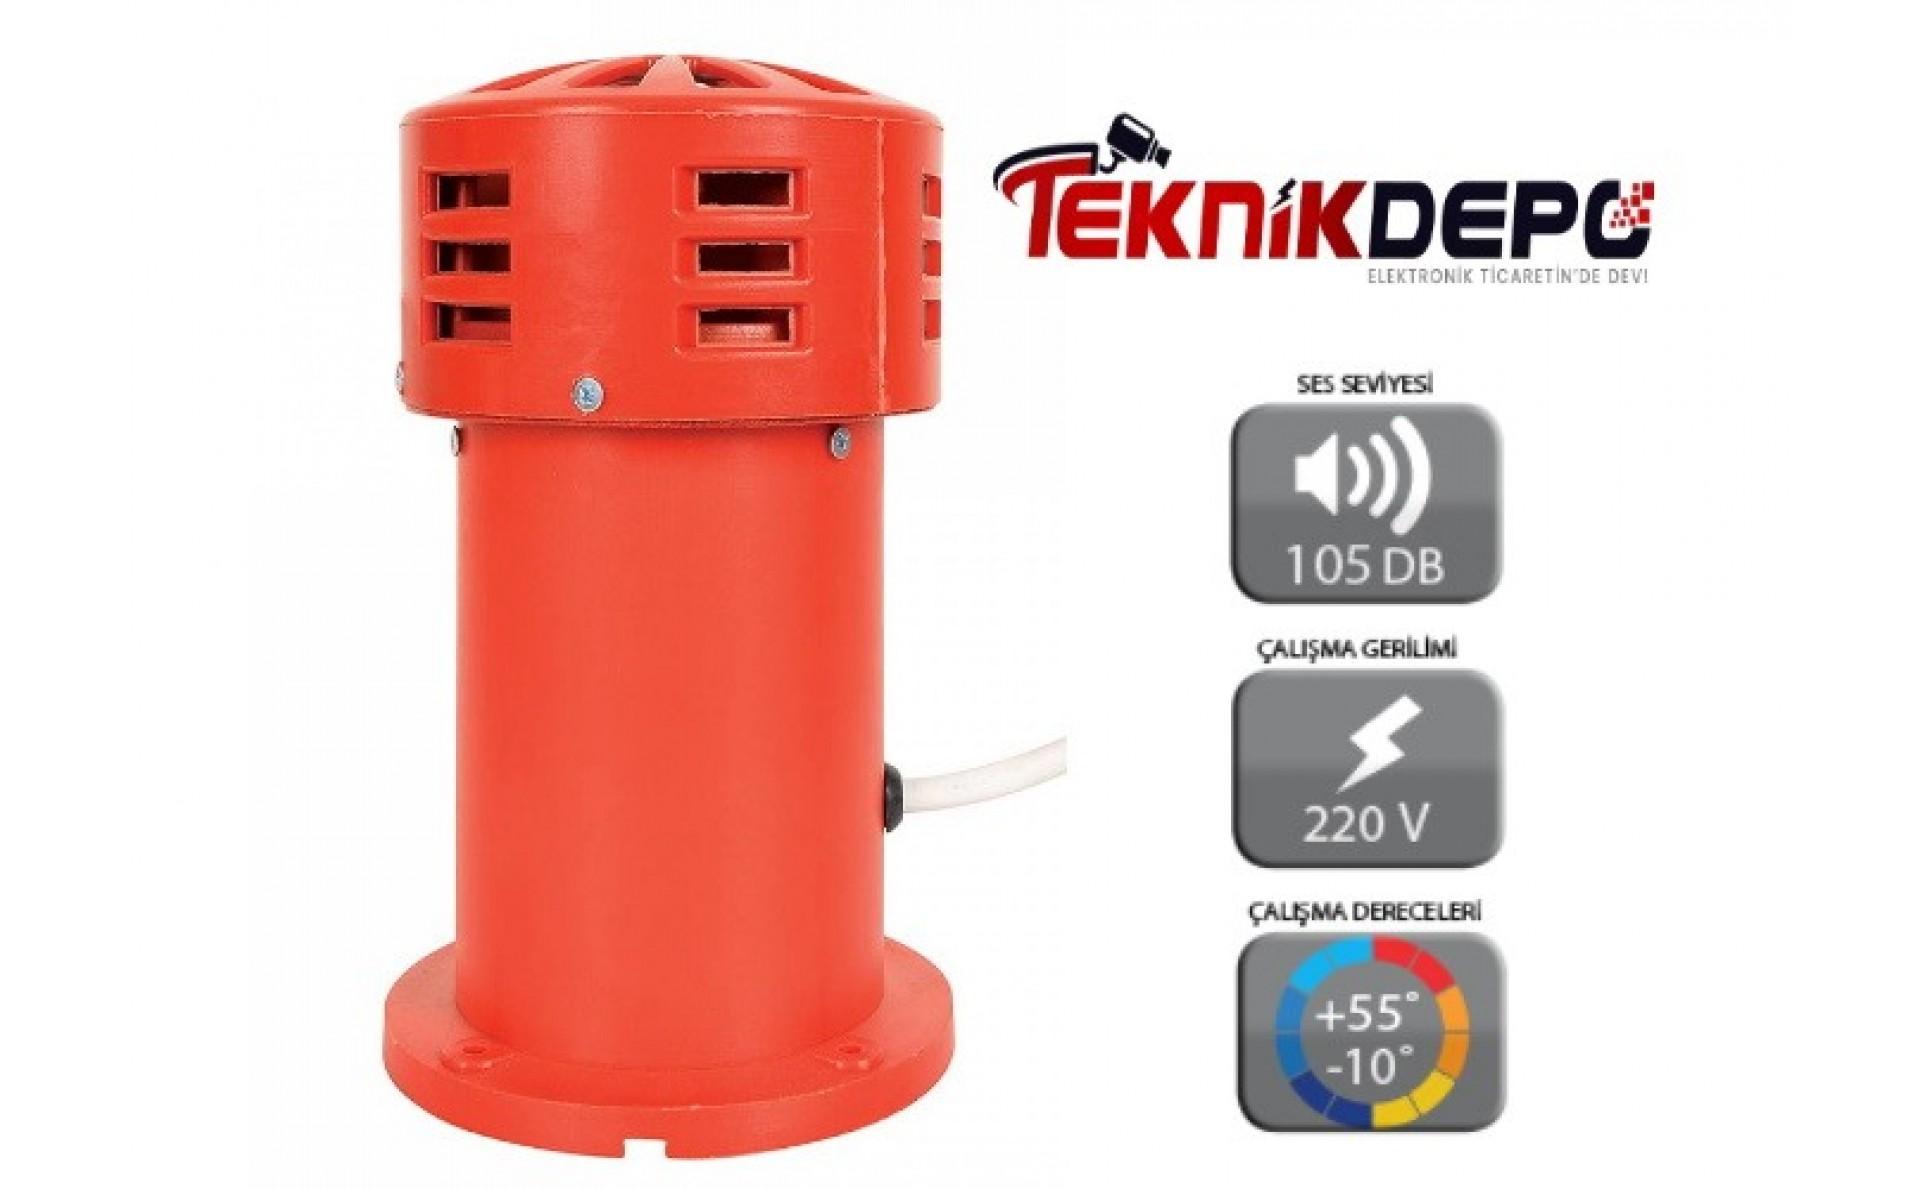 Motorlu Siren Plastik Kasa ( 105 db )